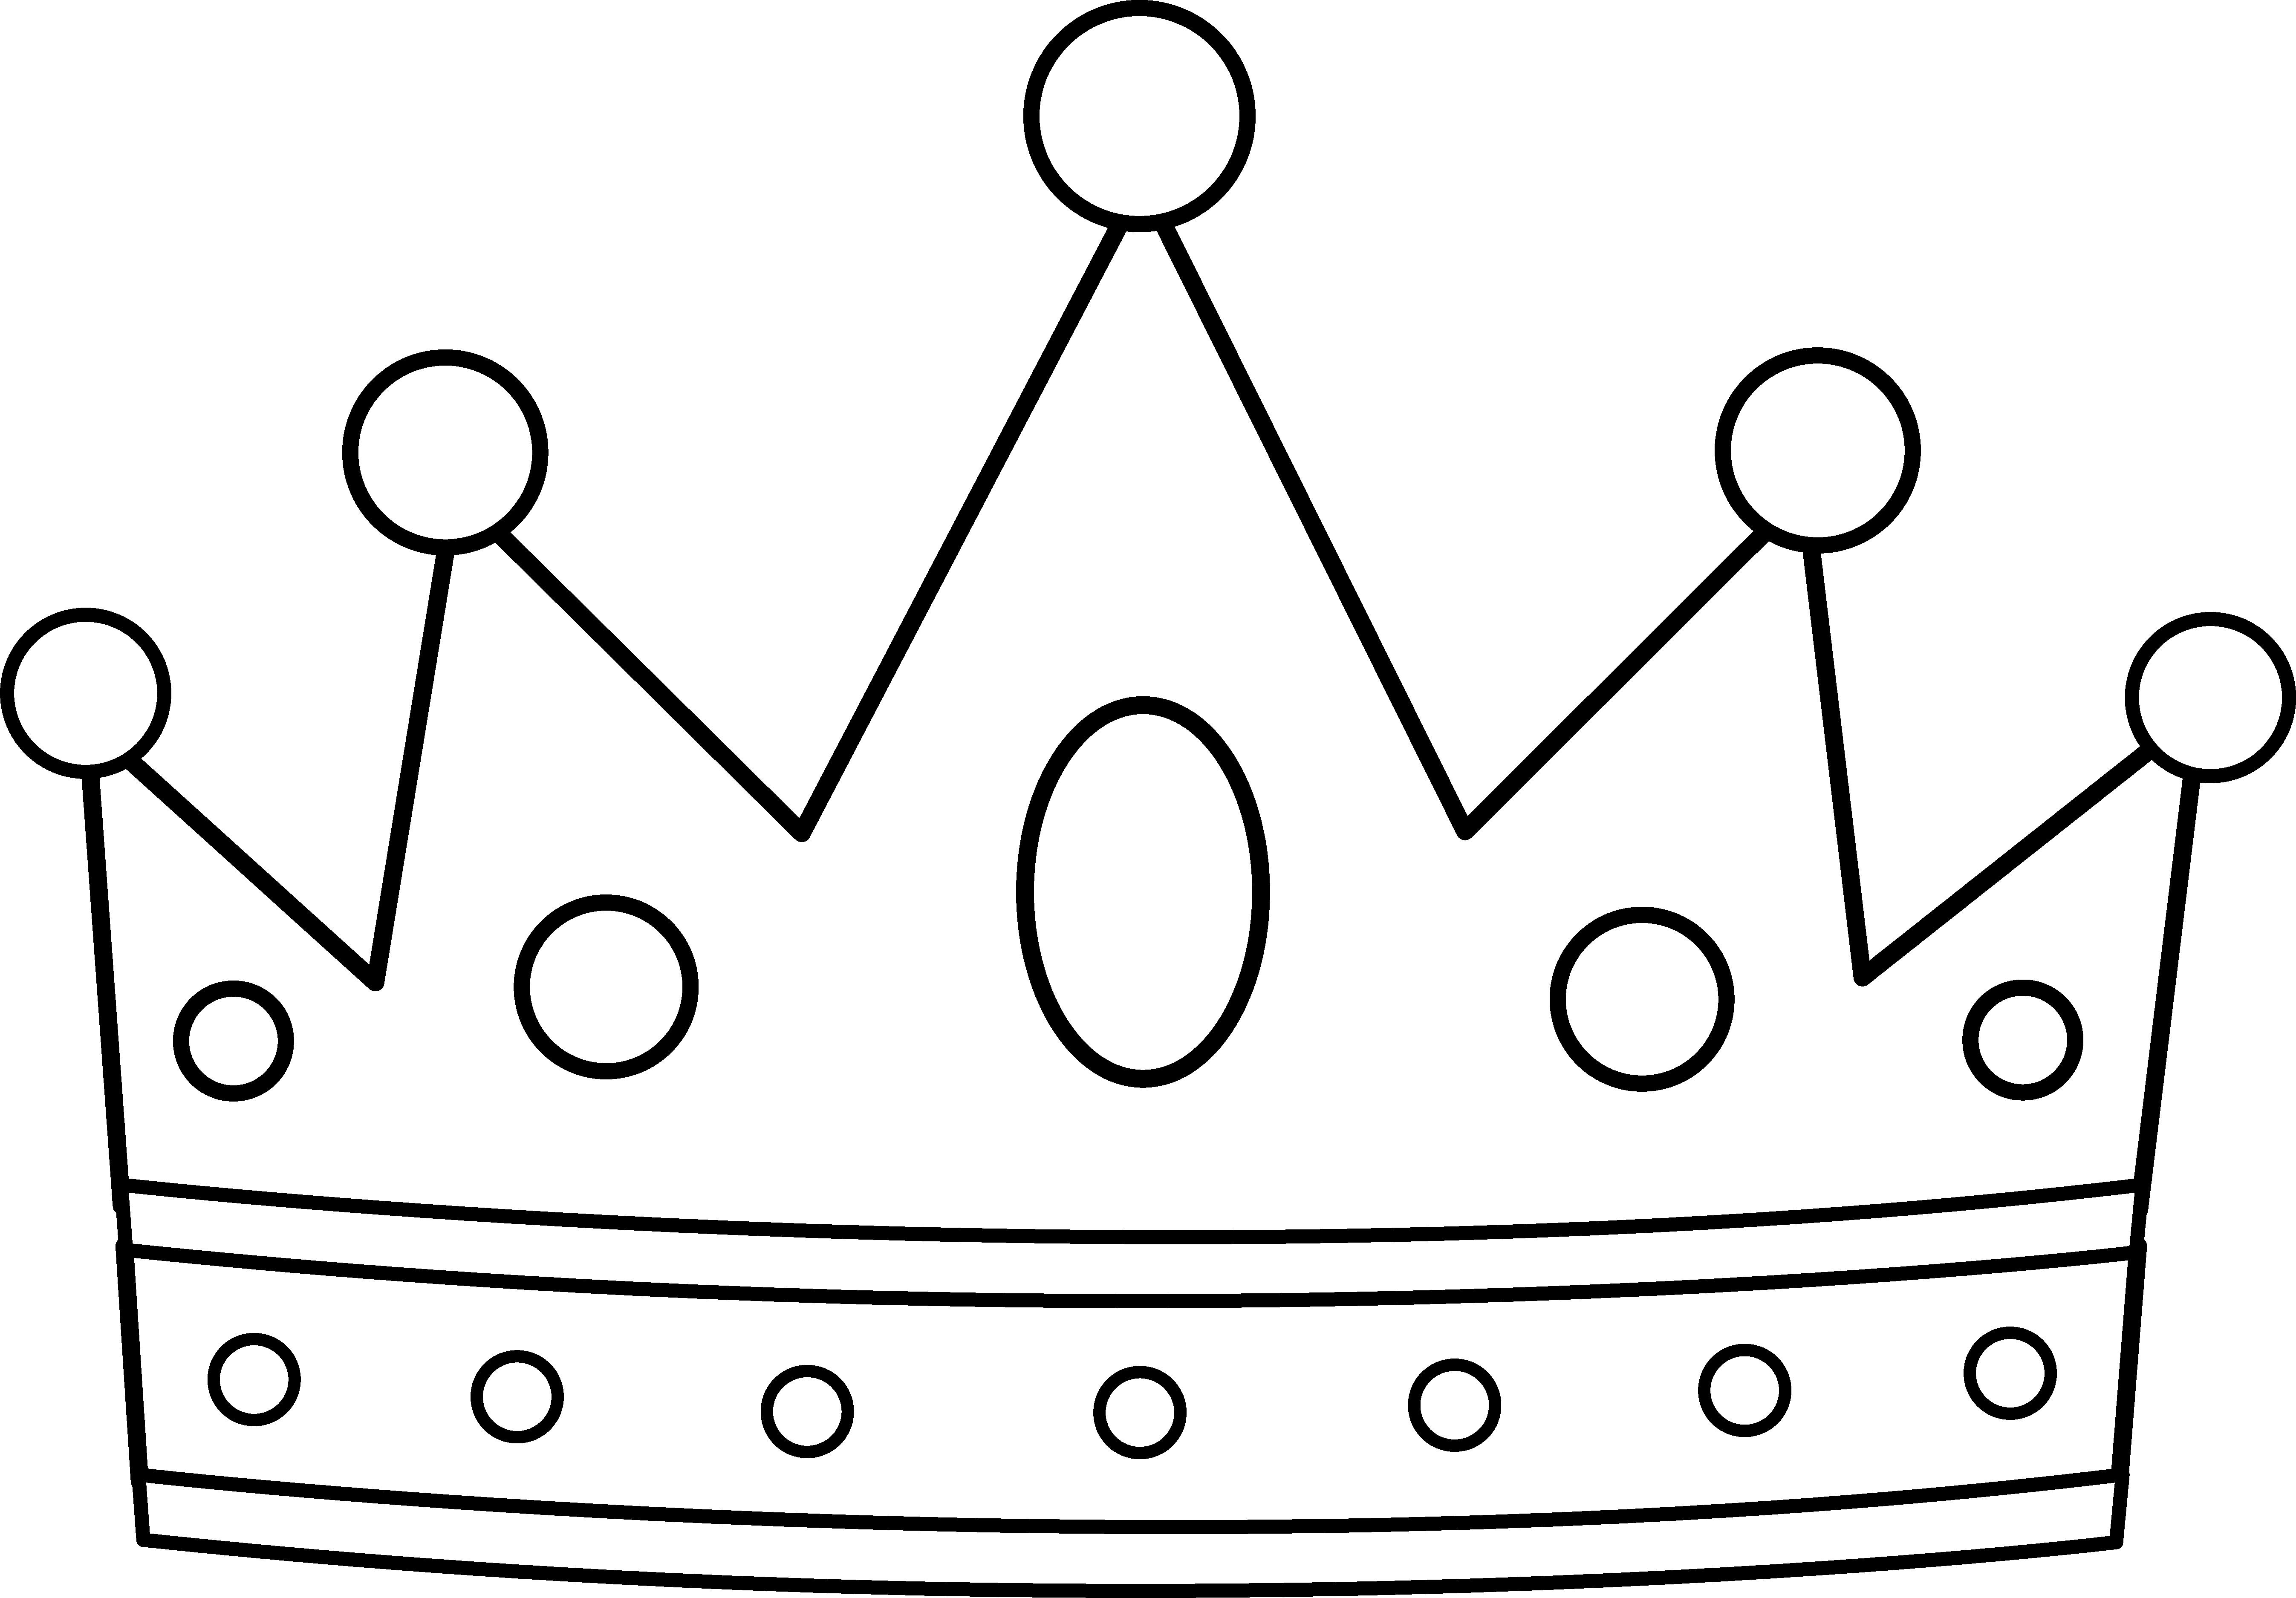 royal crown line art  crown template crown printable